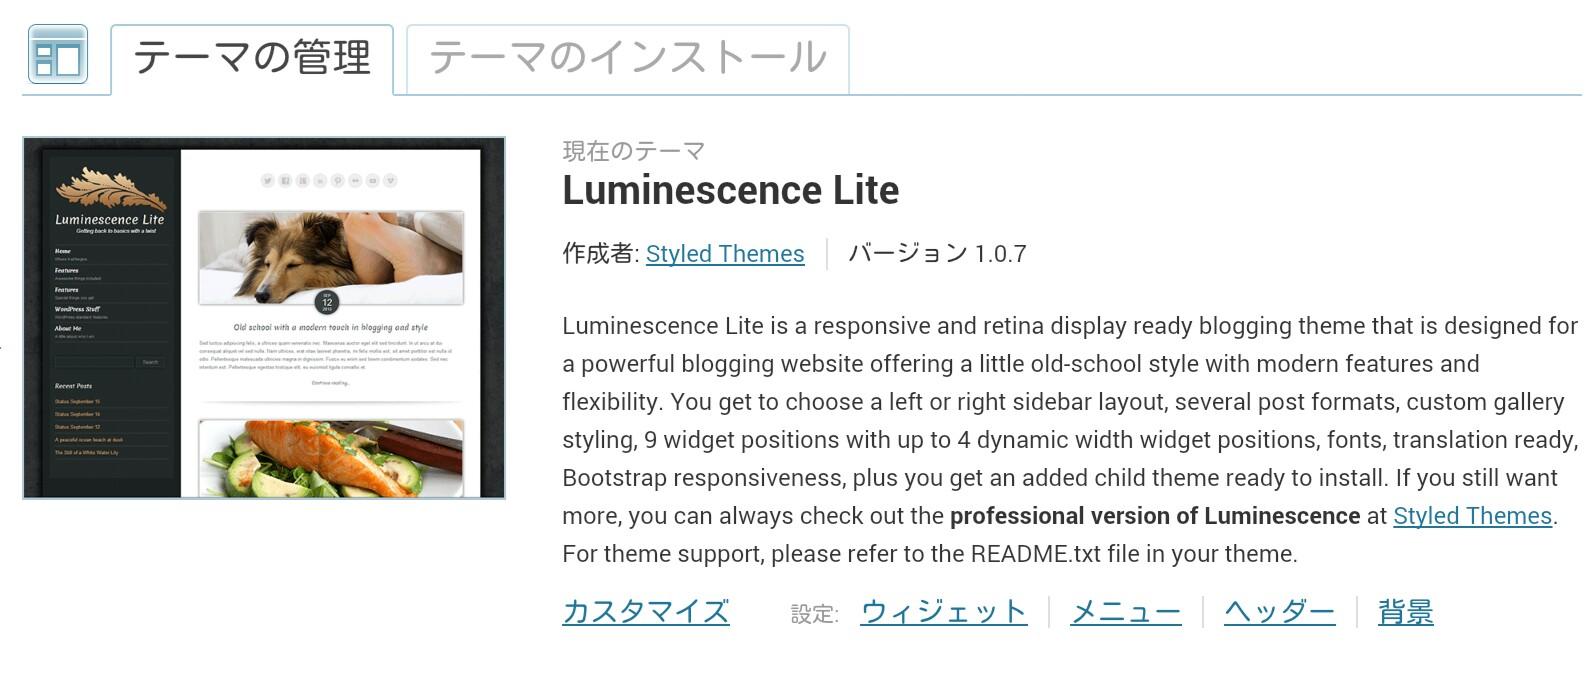 「stinger3」から「Luminescence Lite」へ!ワードプレステーマを変えてみた結果